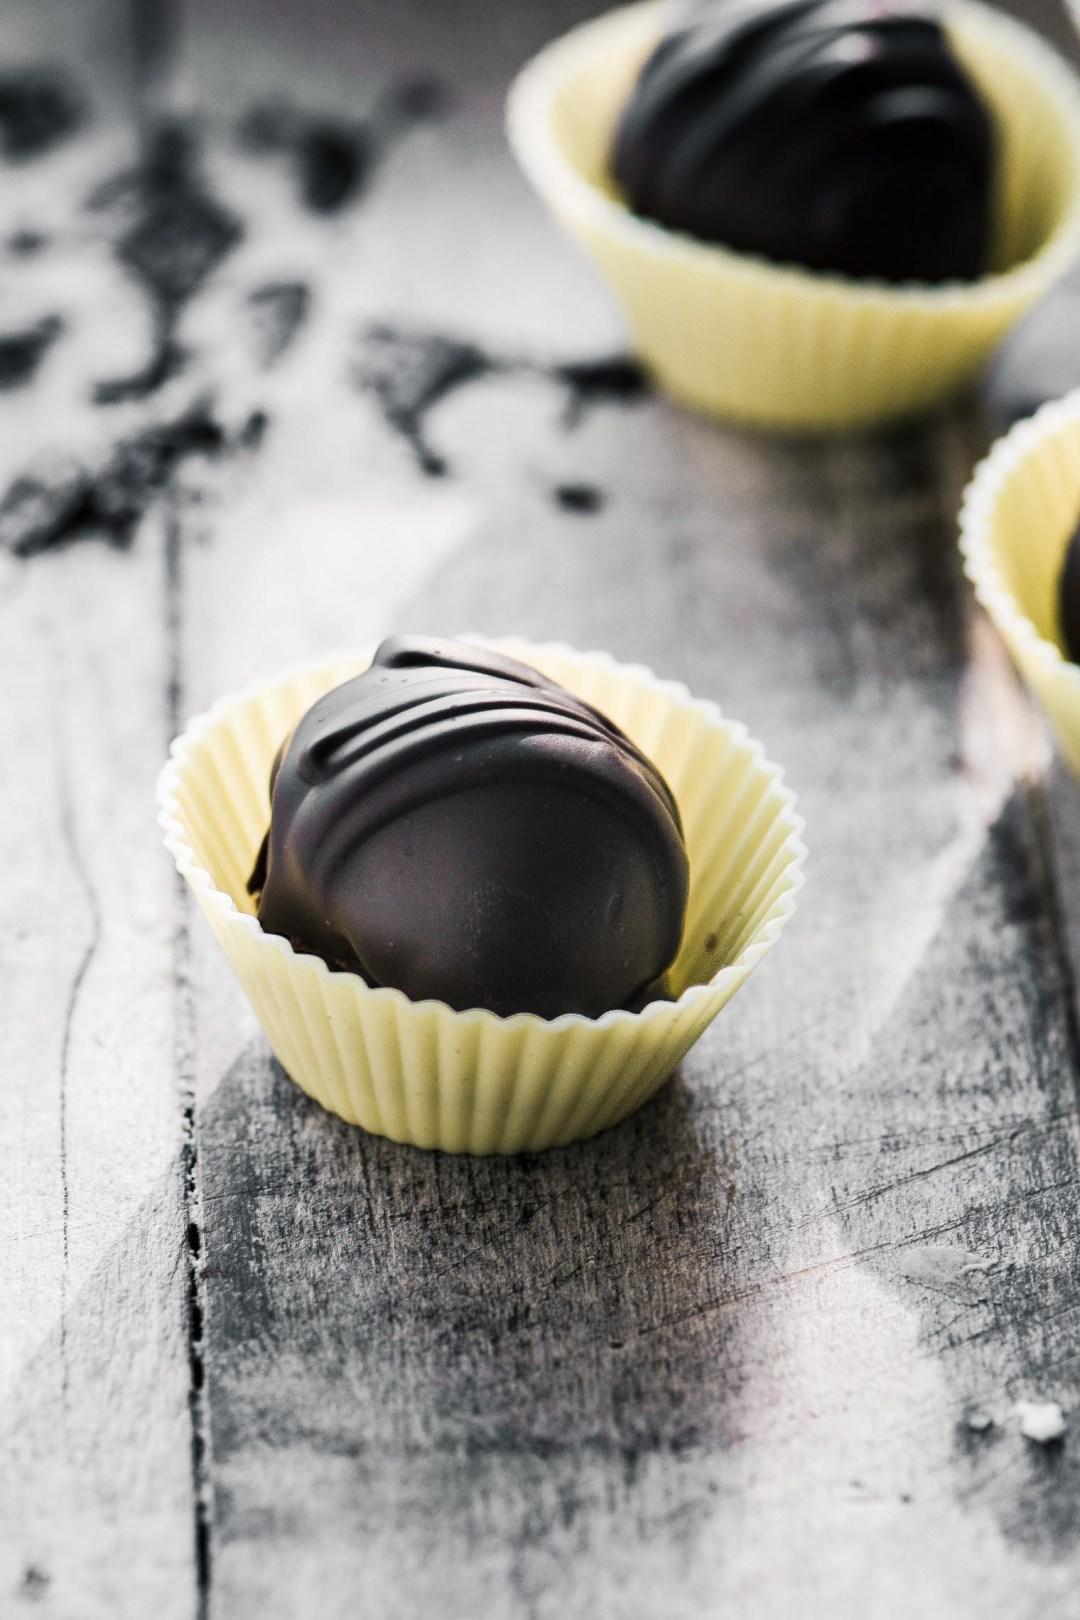 Fresh lemon truffles coated in dark chocolate imagery